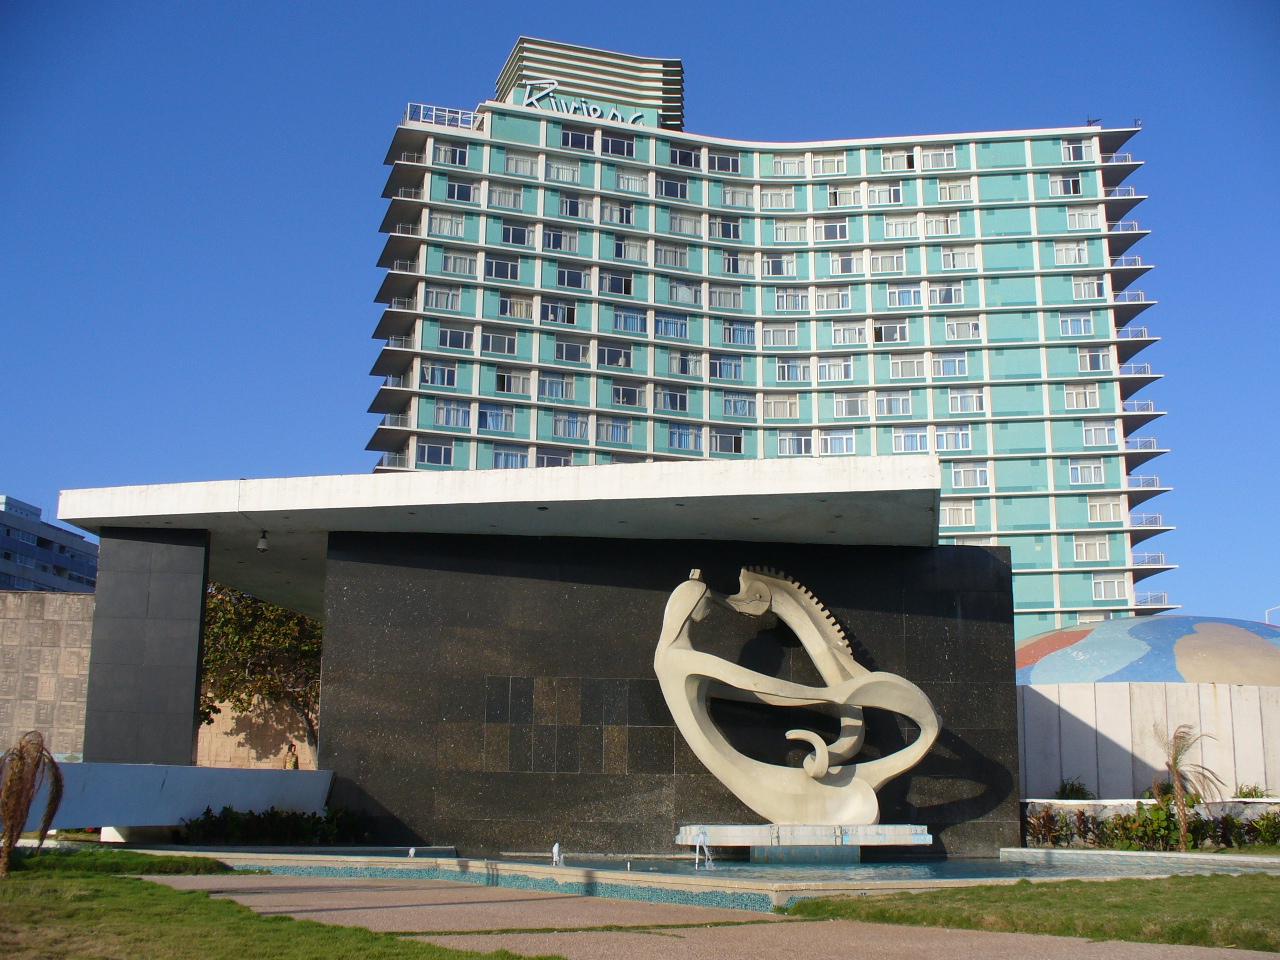 Foto vom Hotel Rivera, Meyer Lanskys Hotel